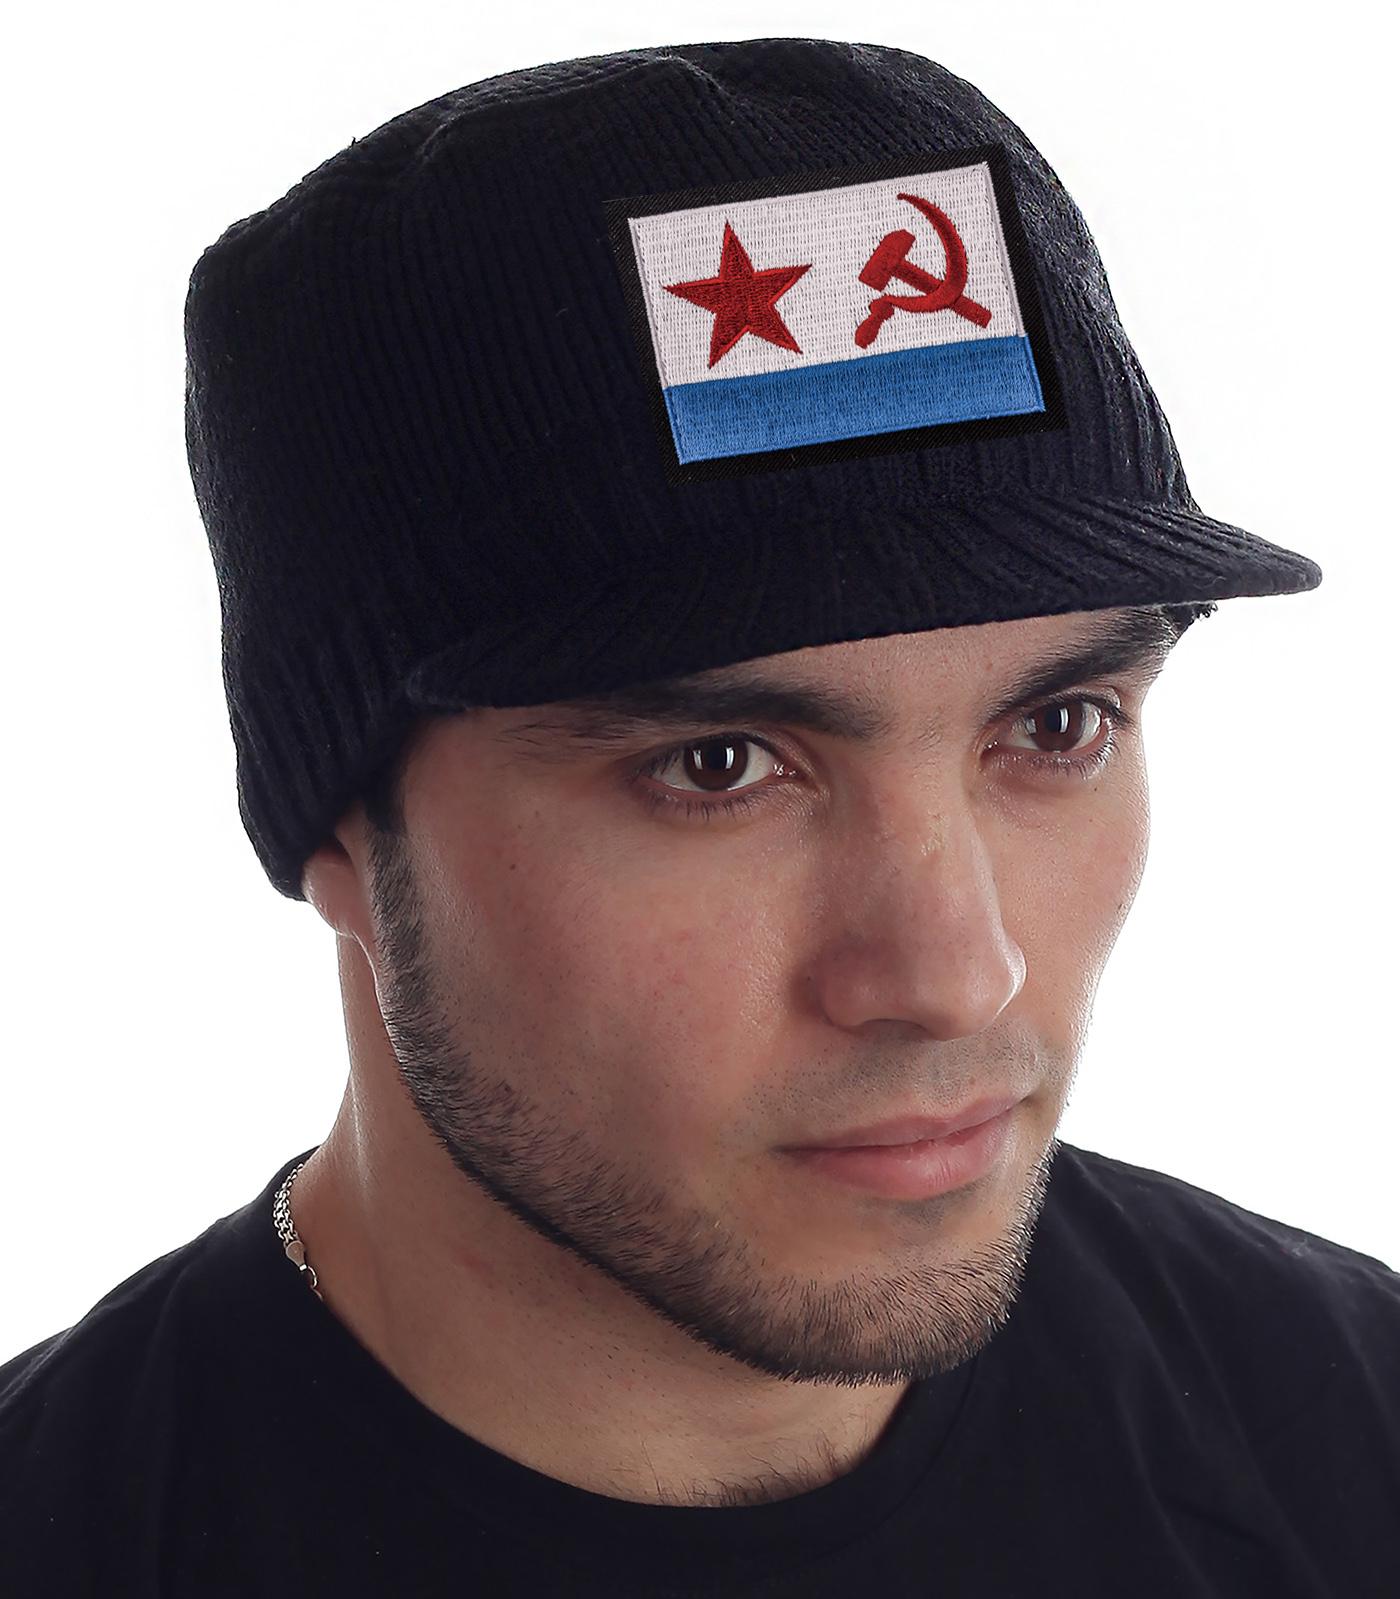 Модные кепки для мужчин с символикой ВМФ СССР